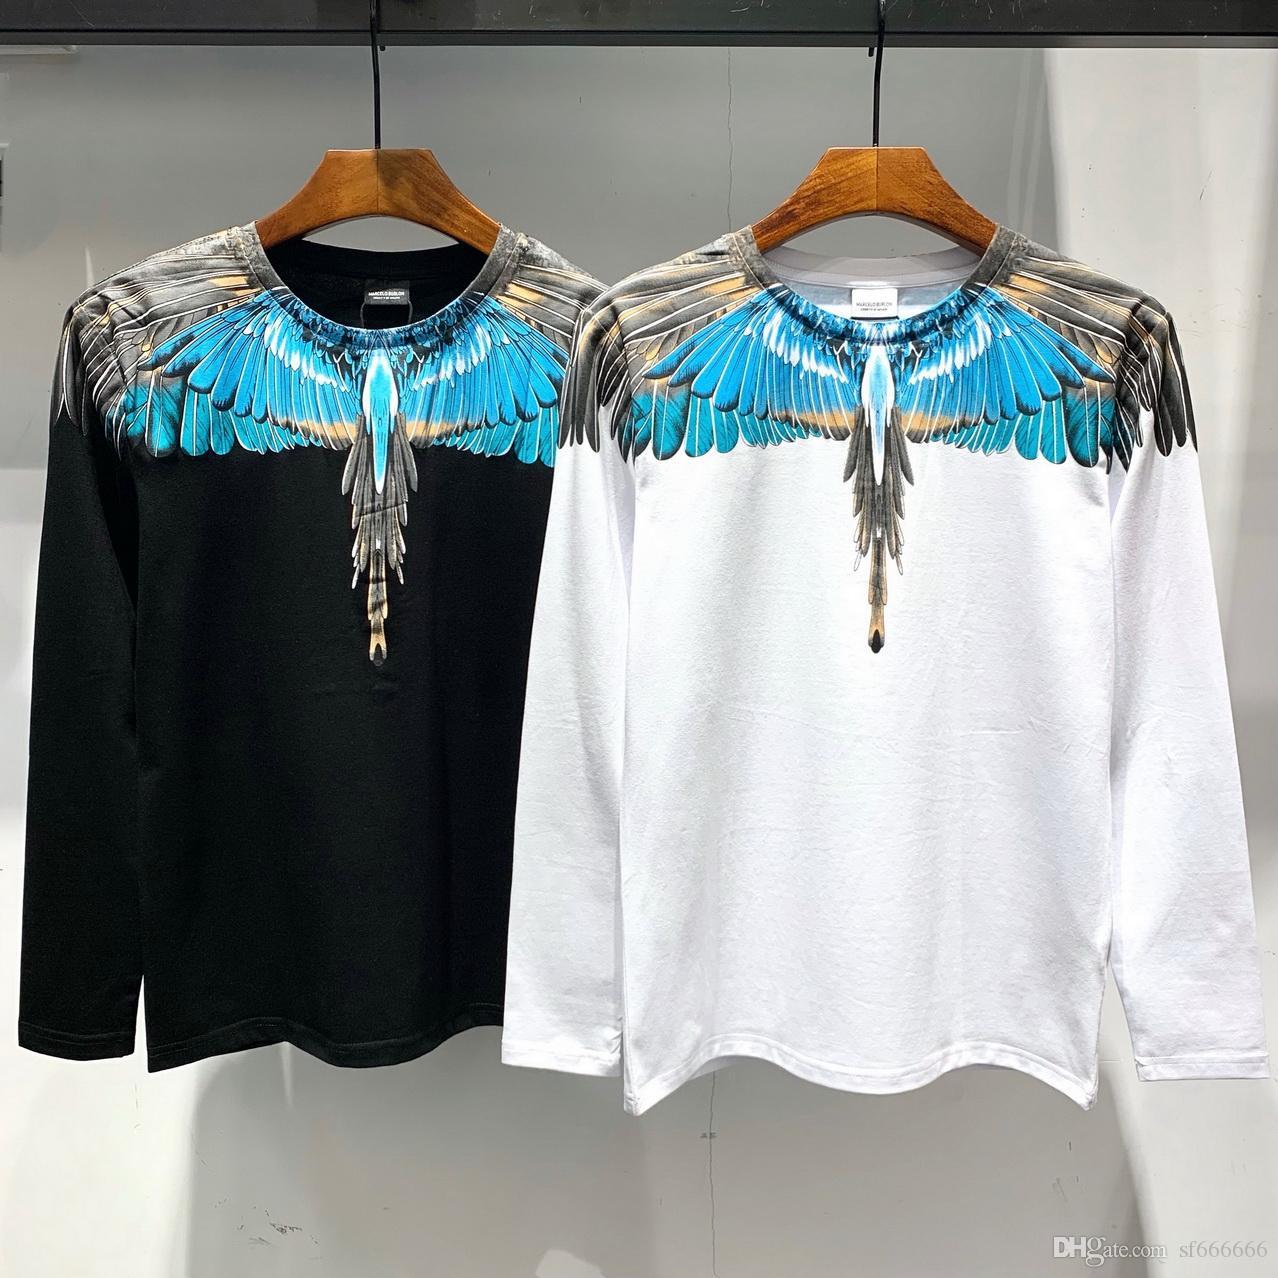 entrega libre de marcas europeas y americanas de camisetas largas de alta calidad, en el verano 2019, Europa y América Longsleeved tshir M174